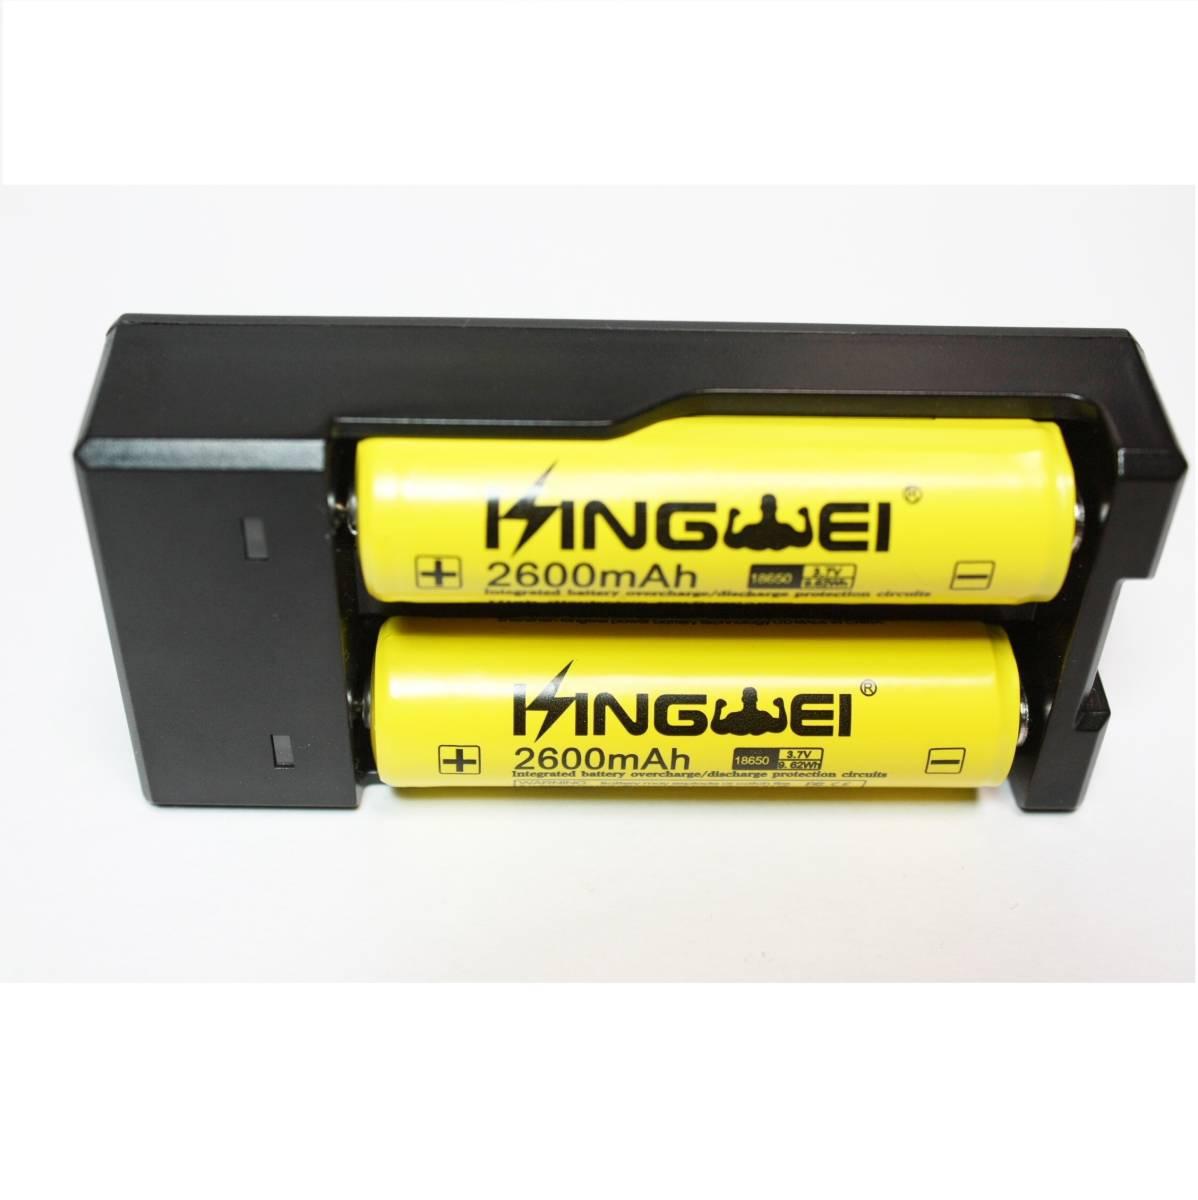 正規容量 18650 経済産業省適合品 リチウムイオン 充電池 2本 + 急速充電器 バッテリー 懐中電灯 ヘッドライト g06_画像2